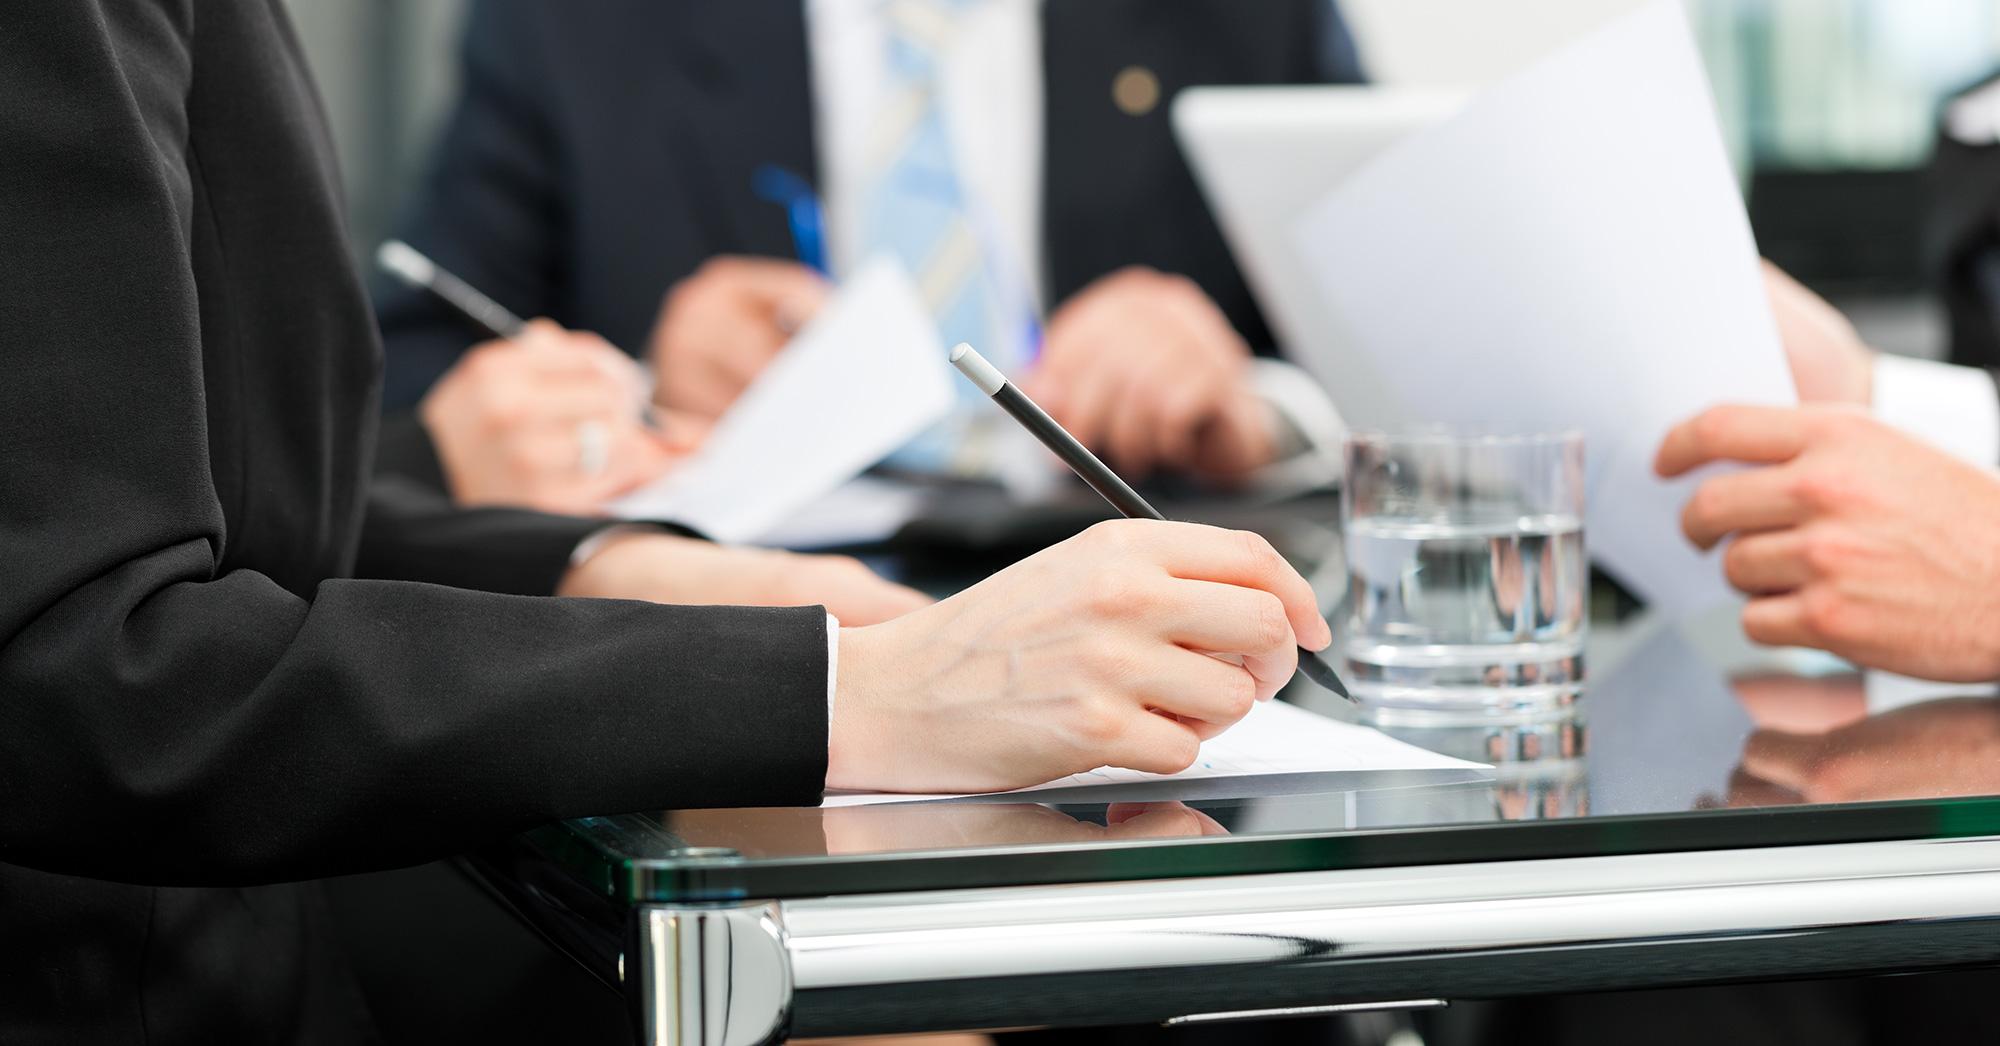 Đăng ký nhãn hiệu tại Mỹ, kinh nghiệm của SB Law